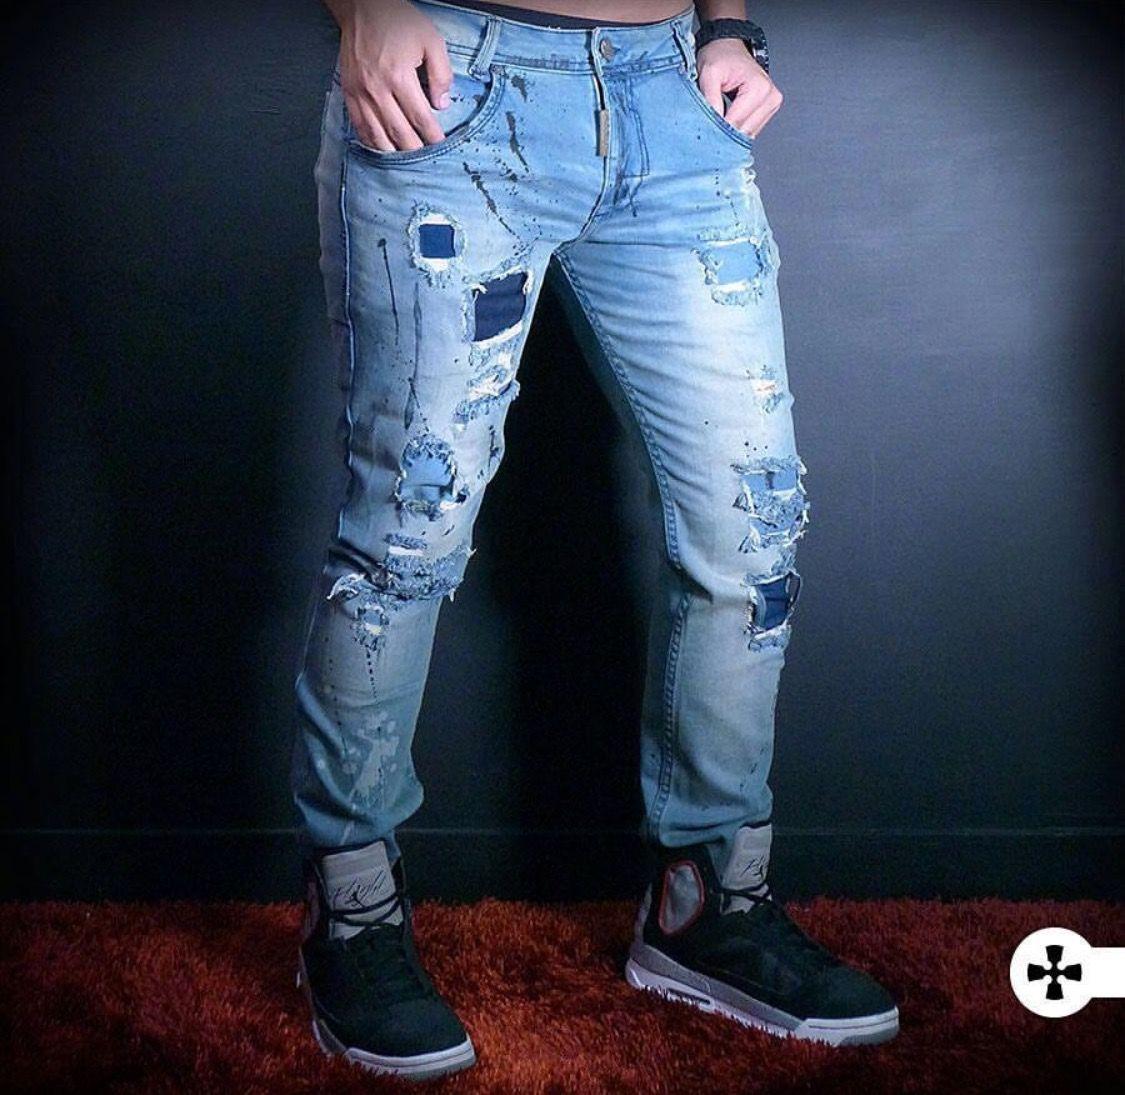 d0f92e635 ORIGINAL JEANS AMÉN ☄️ | Denim | Ropa, Jeans y Amén